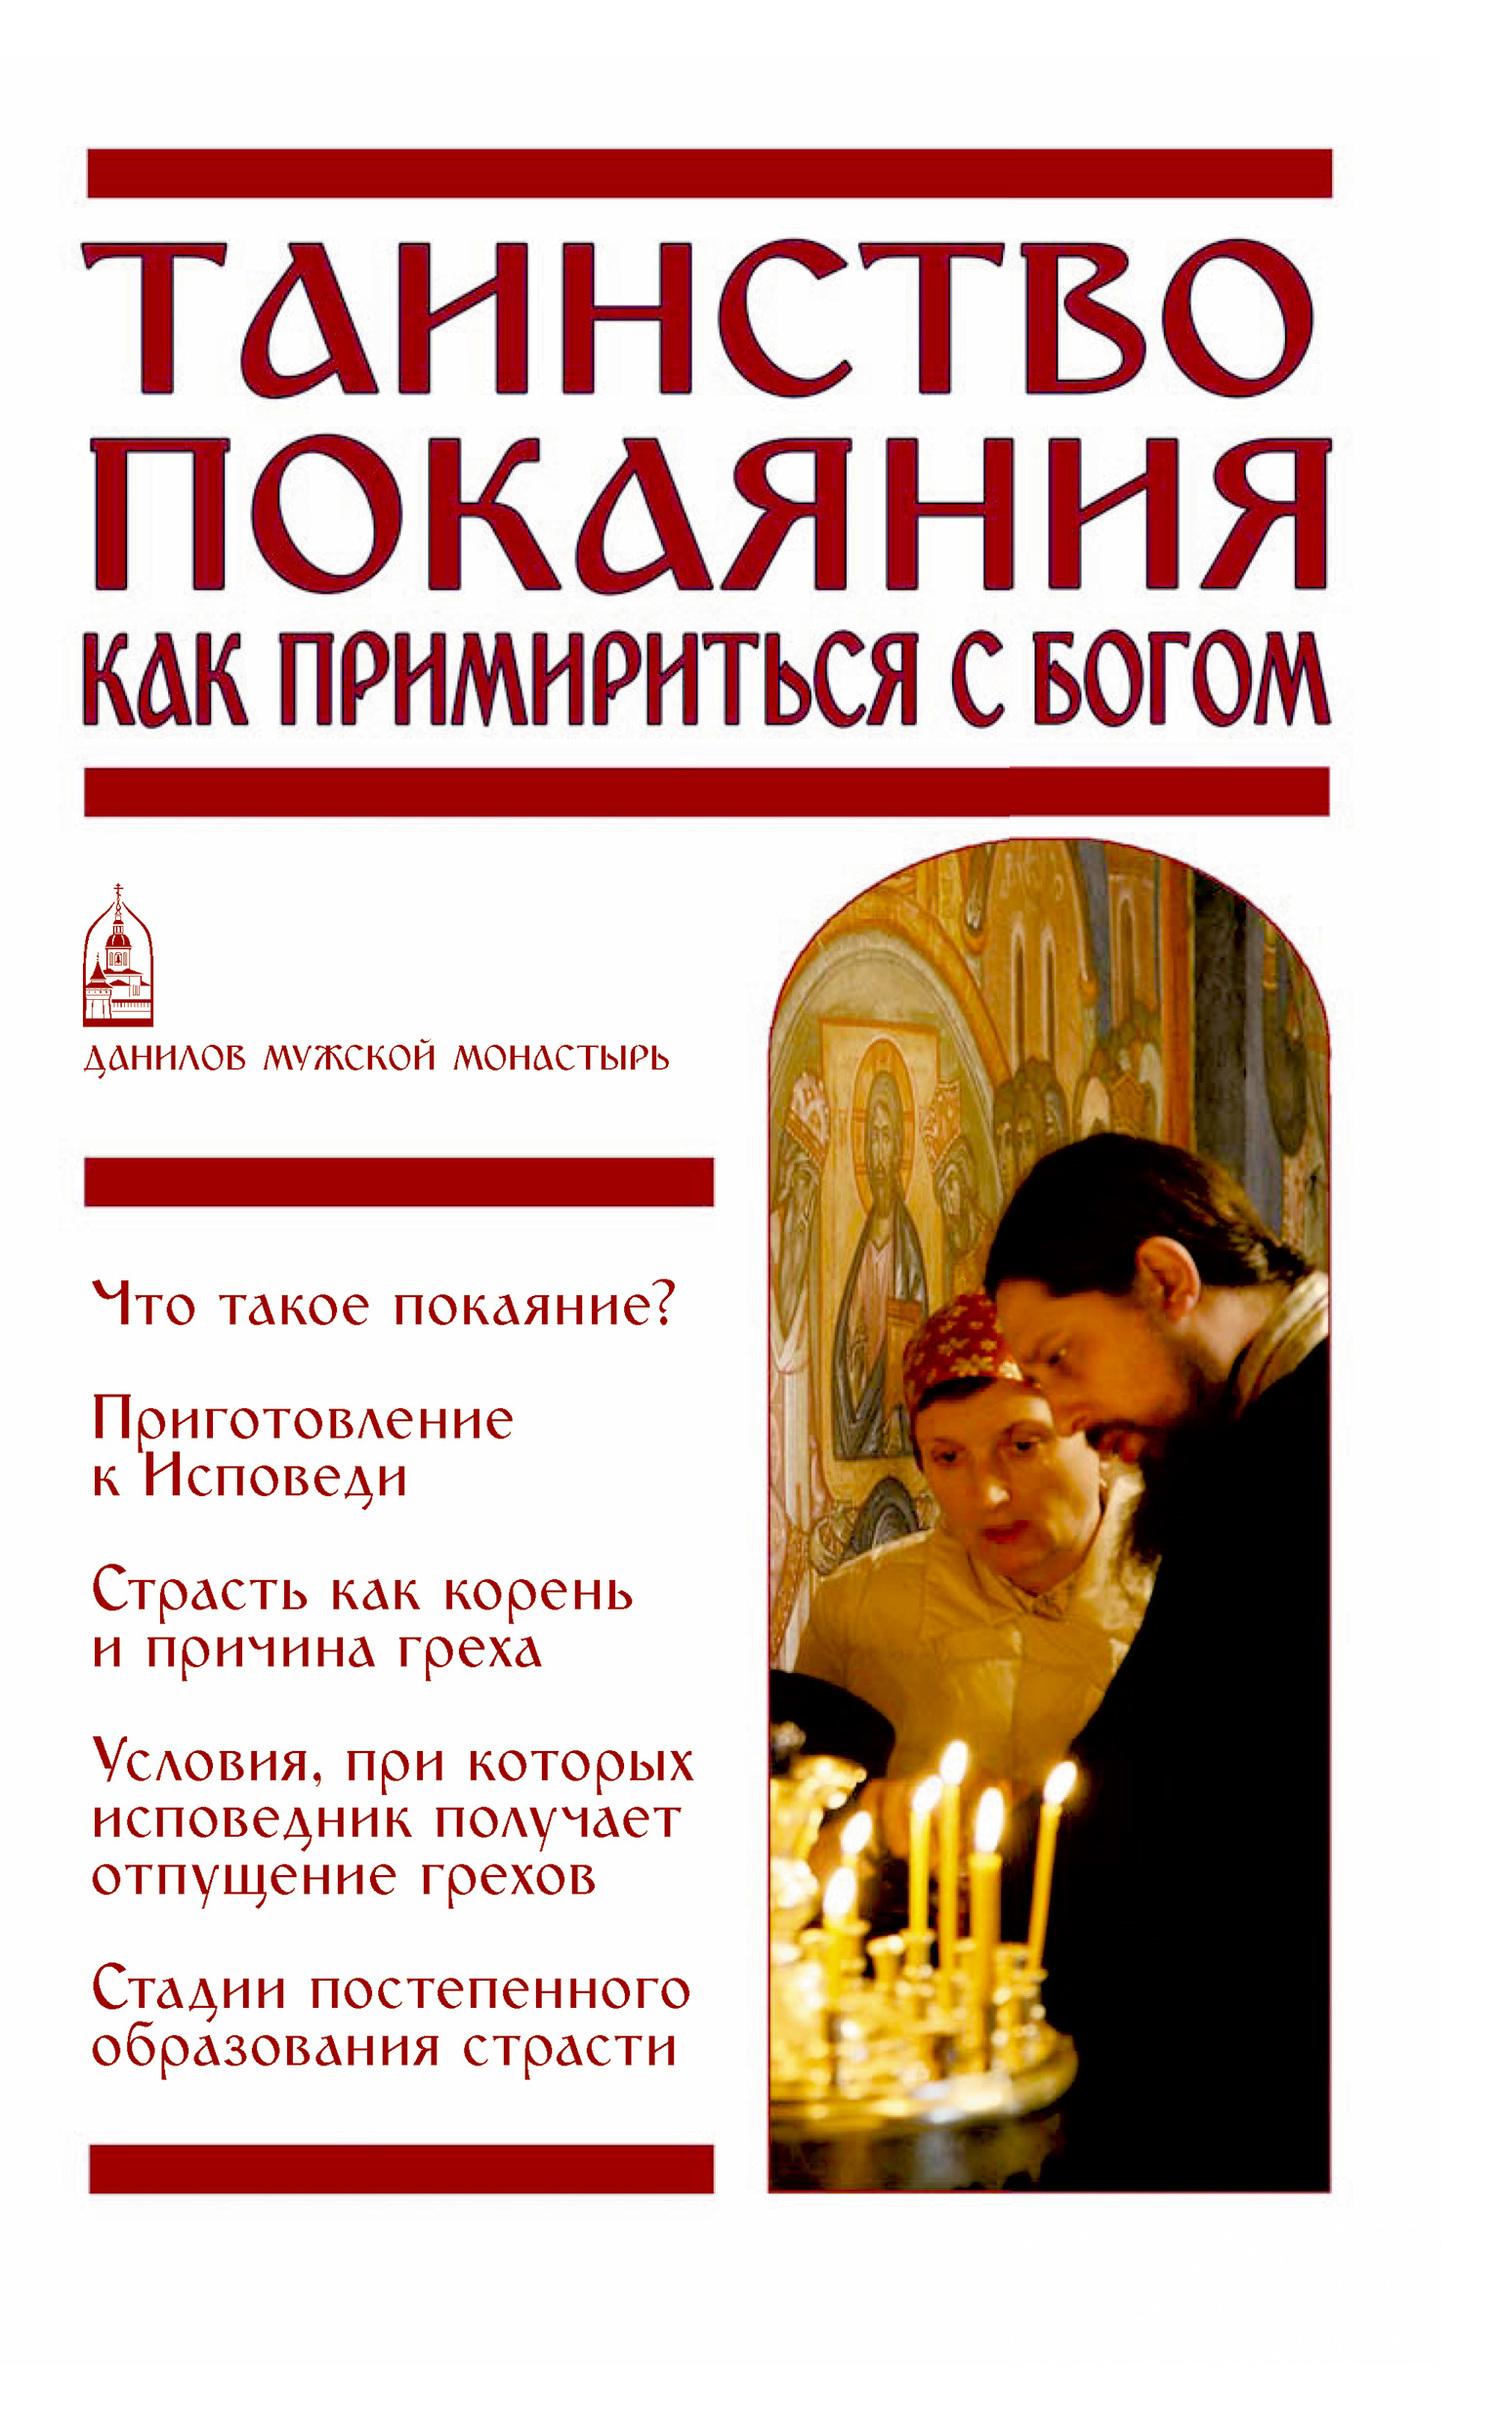 Вячеслав Пономарев - Таинство Покаяния. Как примириться с Богом